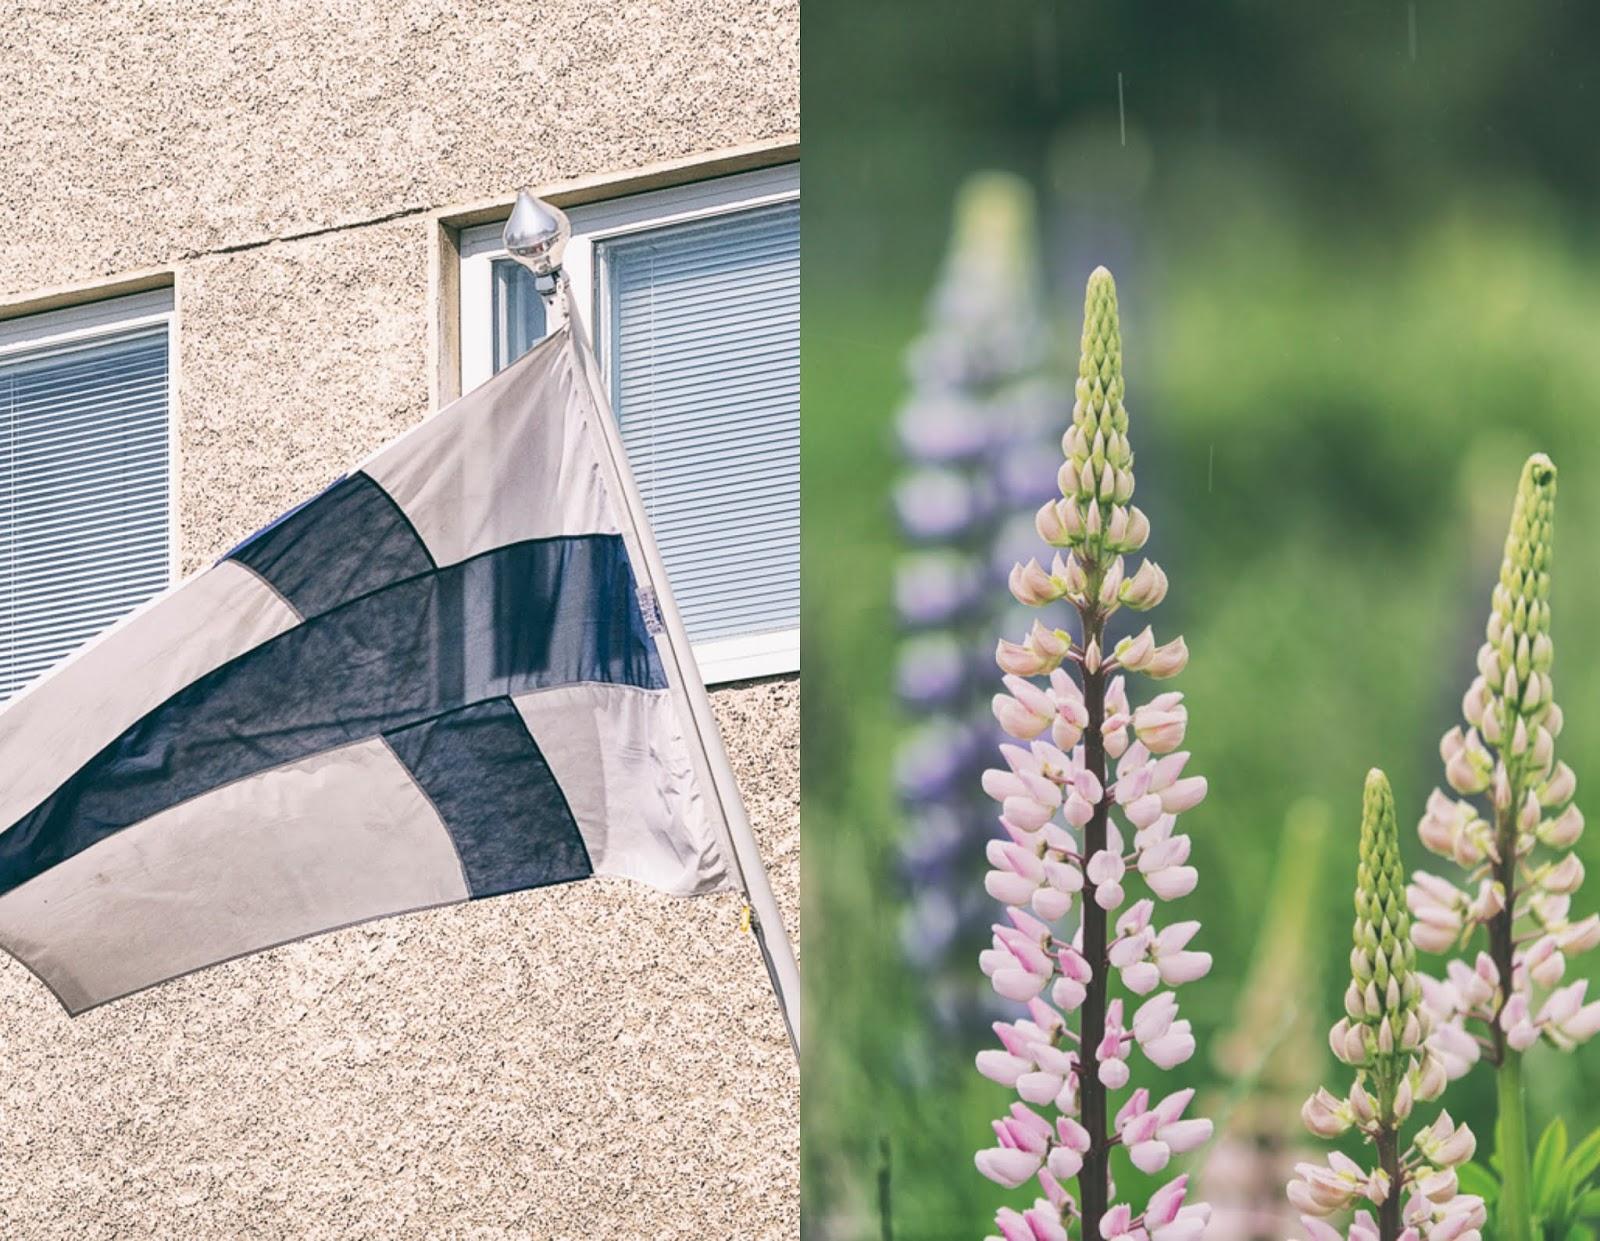 Helsinki, juhannus, visithelsinki, this is finland, visit finland, suomi, valokuvausk, valokuvaaminen, valokuvaaja, photographer, Frida Steiner, Visualaddict, photoblog, blogi, visualaddictfrida, myhelsinki, Hietalahti,